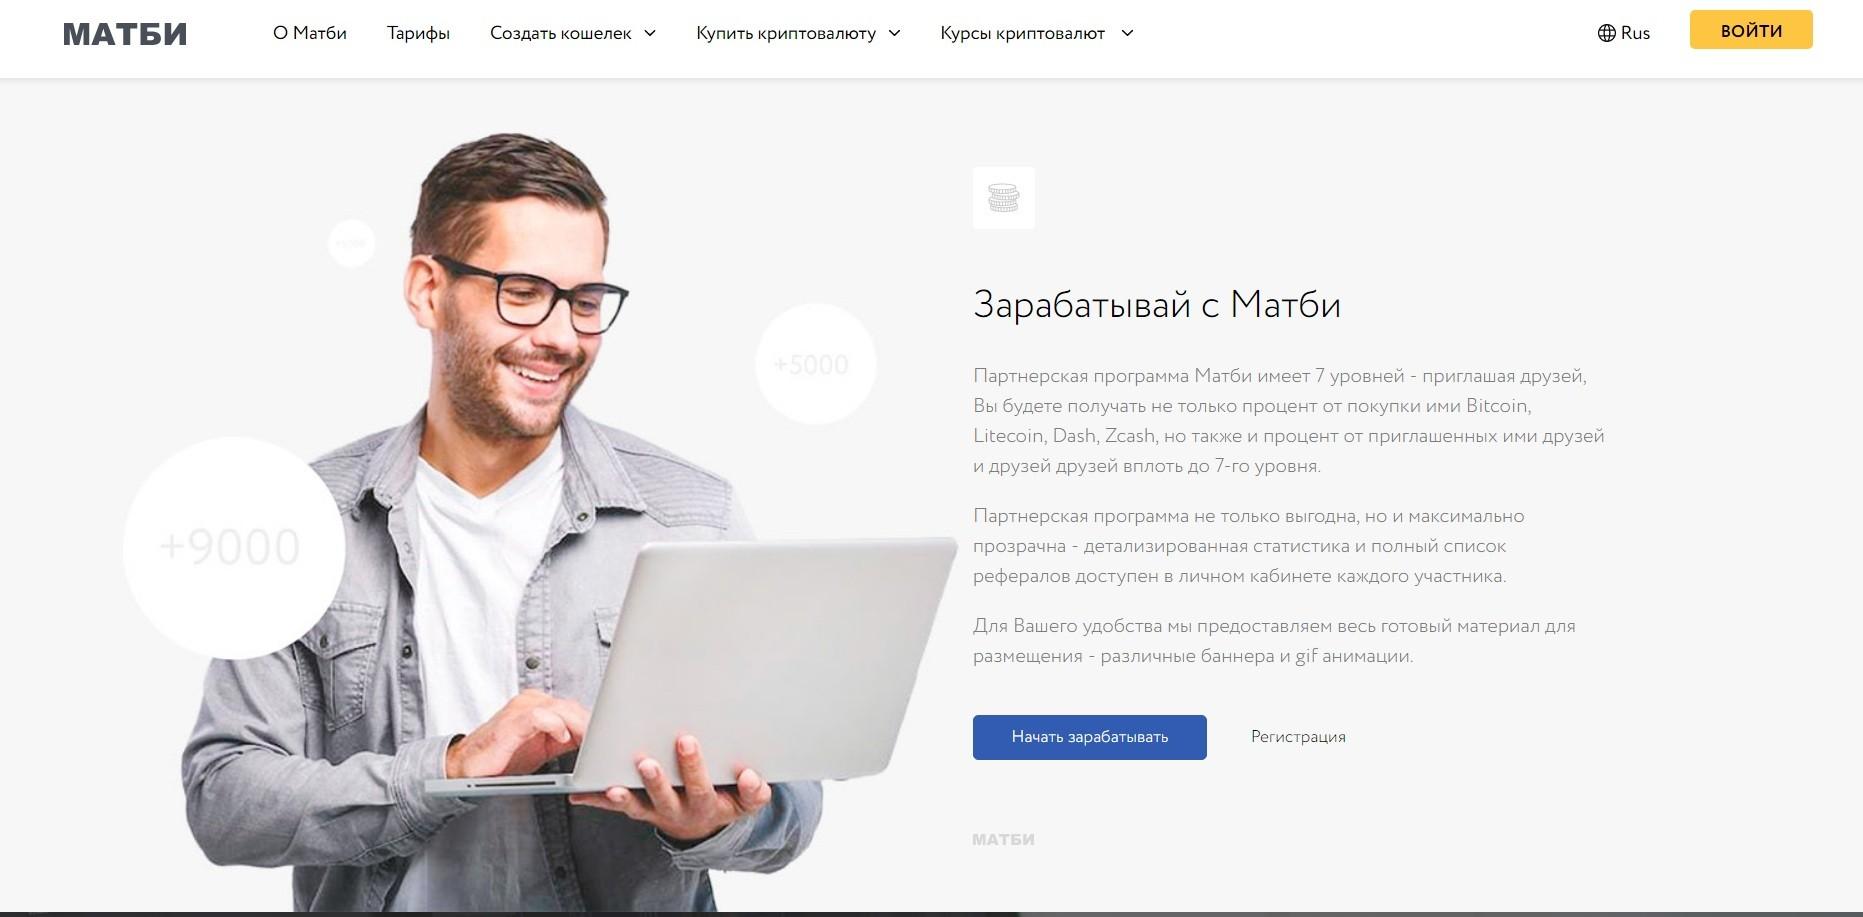 Matbea – отзывы о кошельке и обменнике Matbea